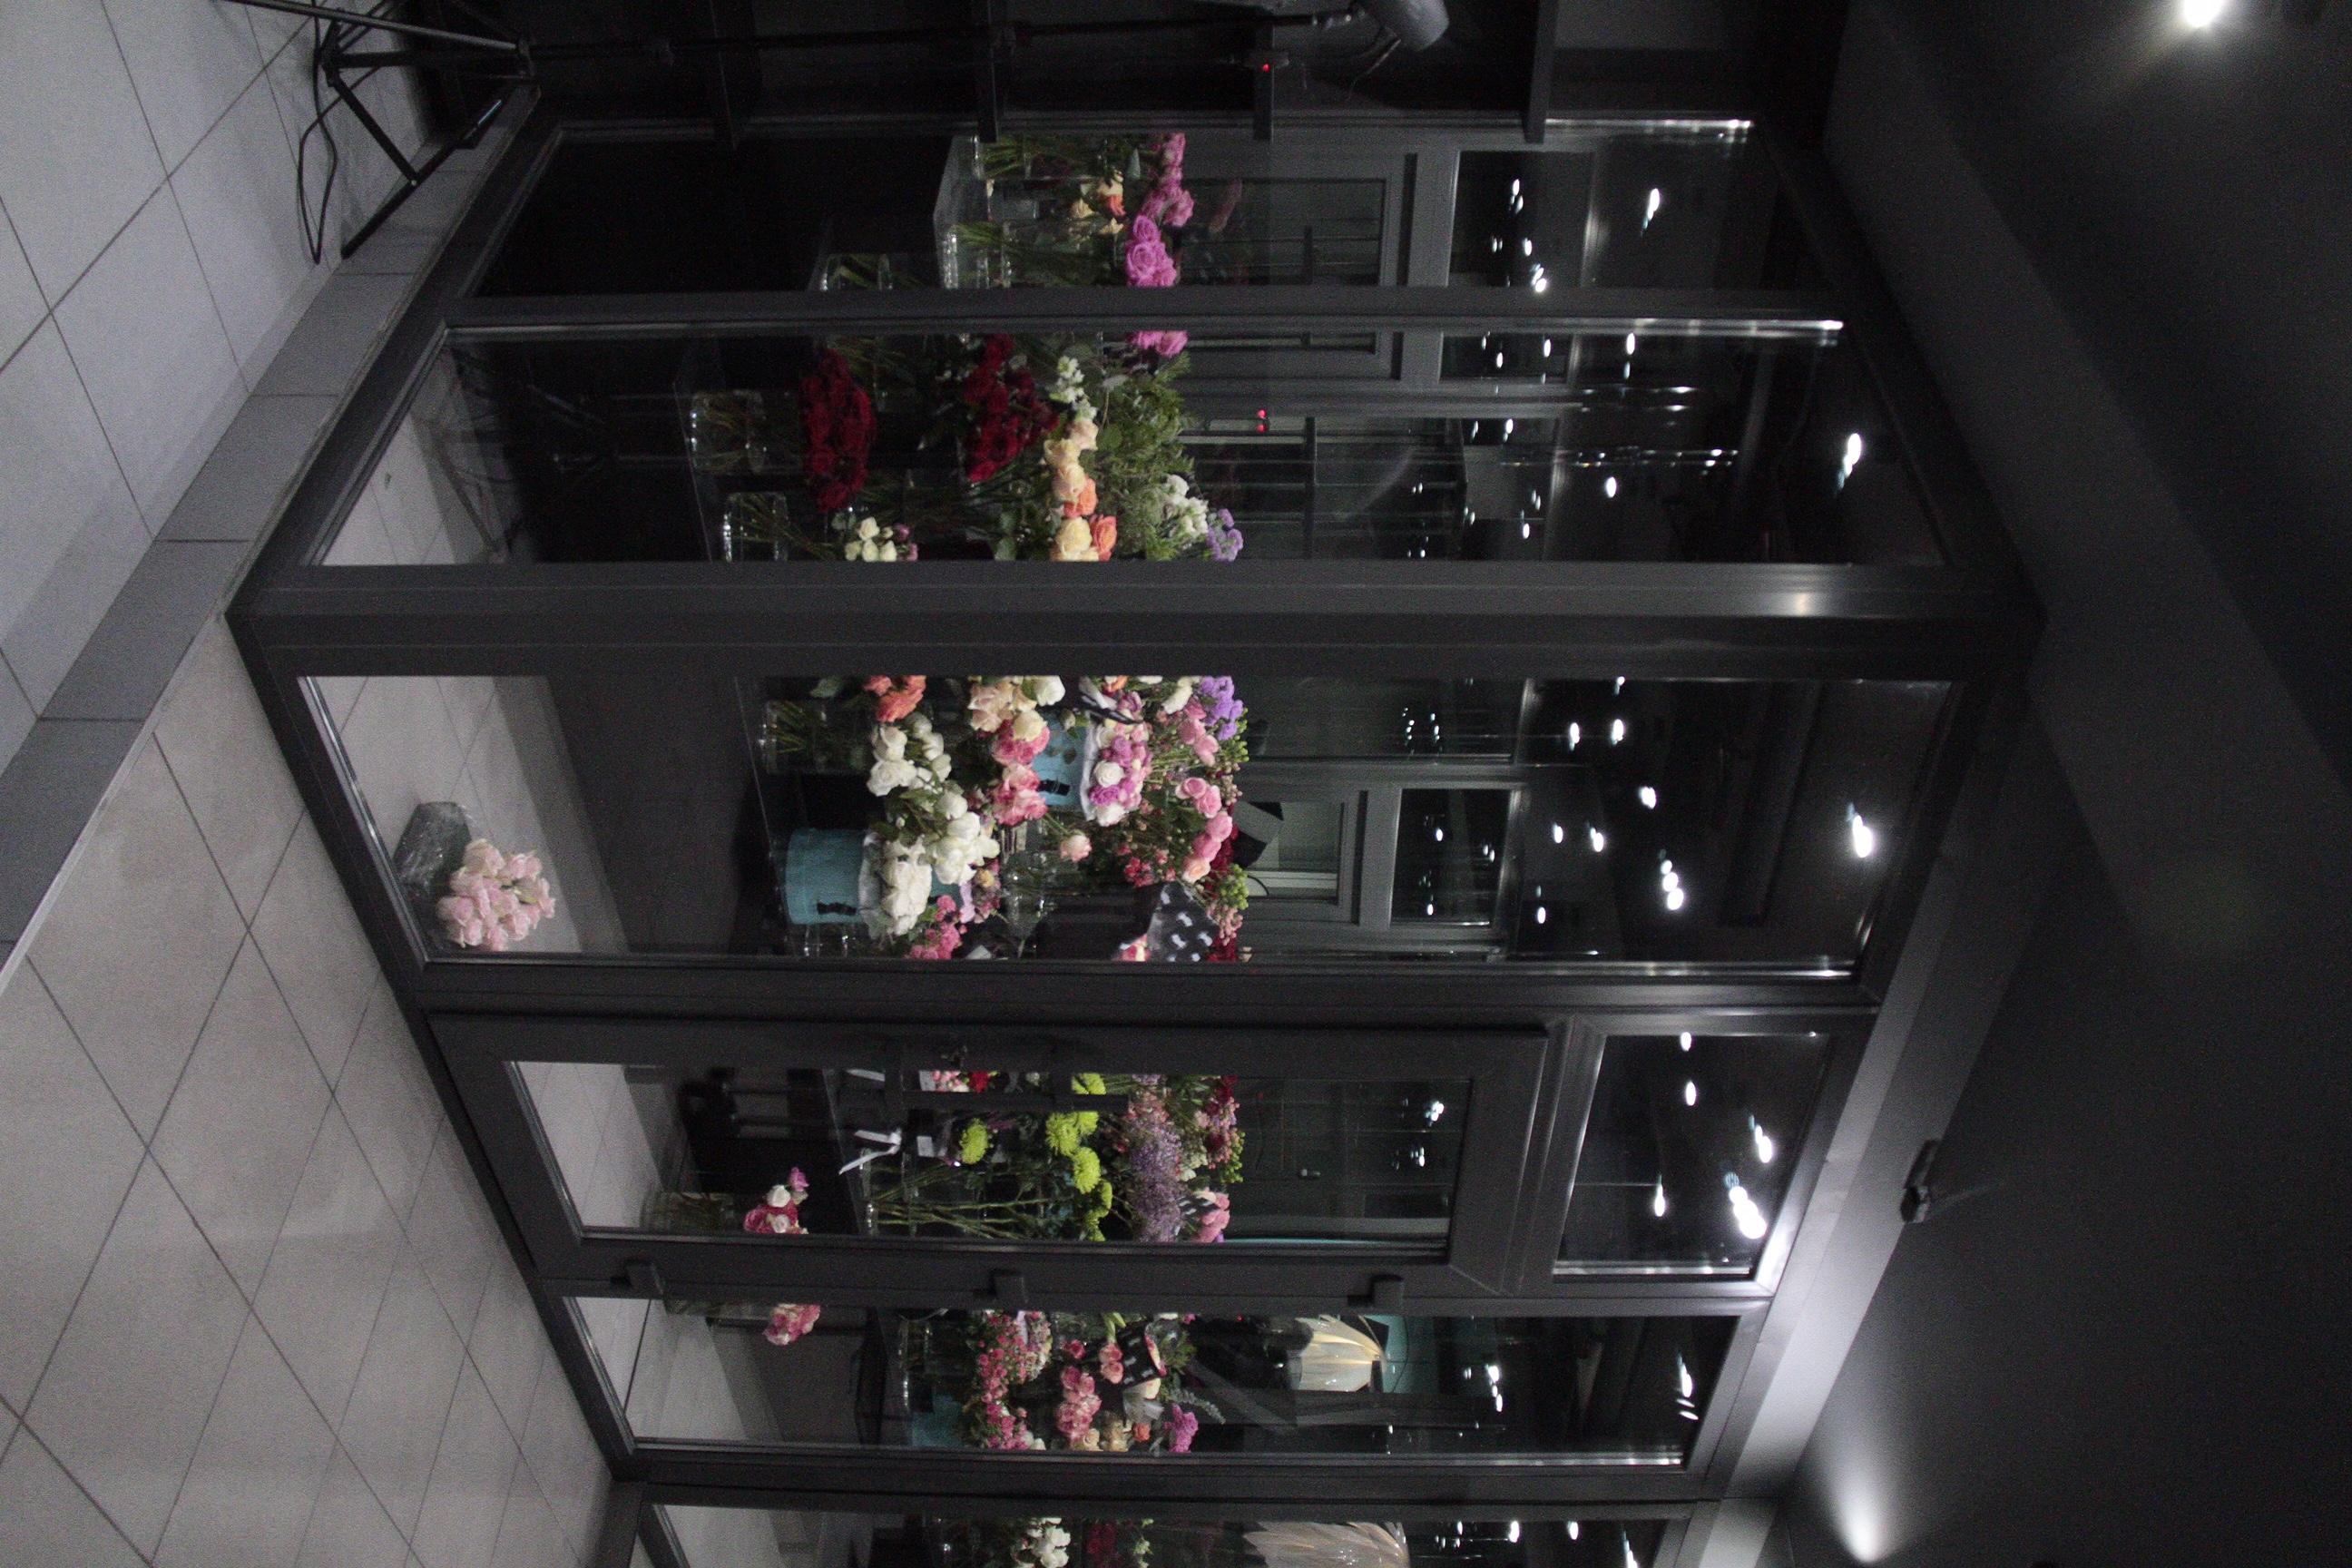 Комната для цветов из пластика